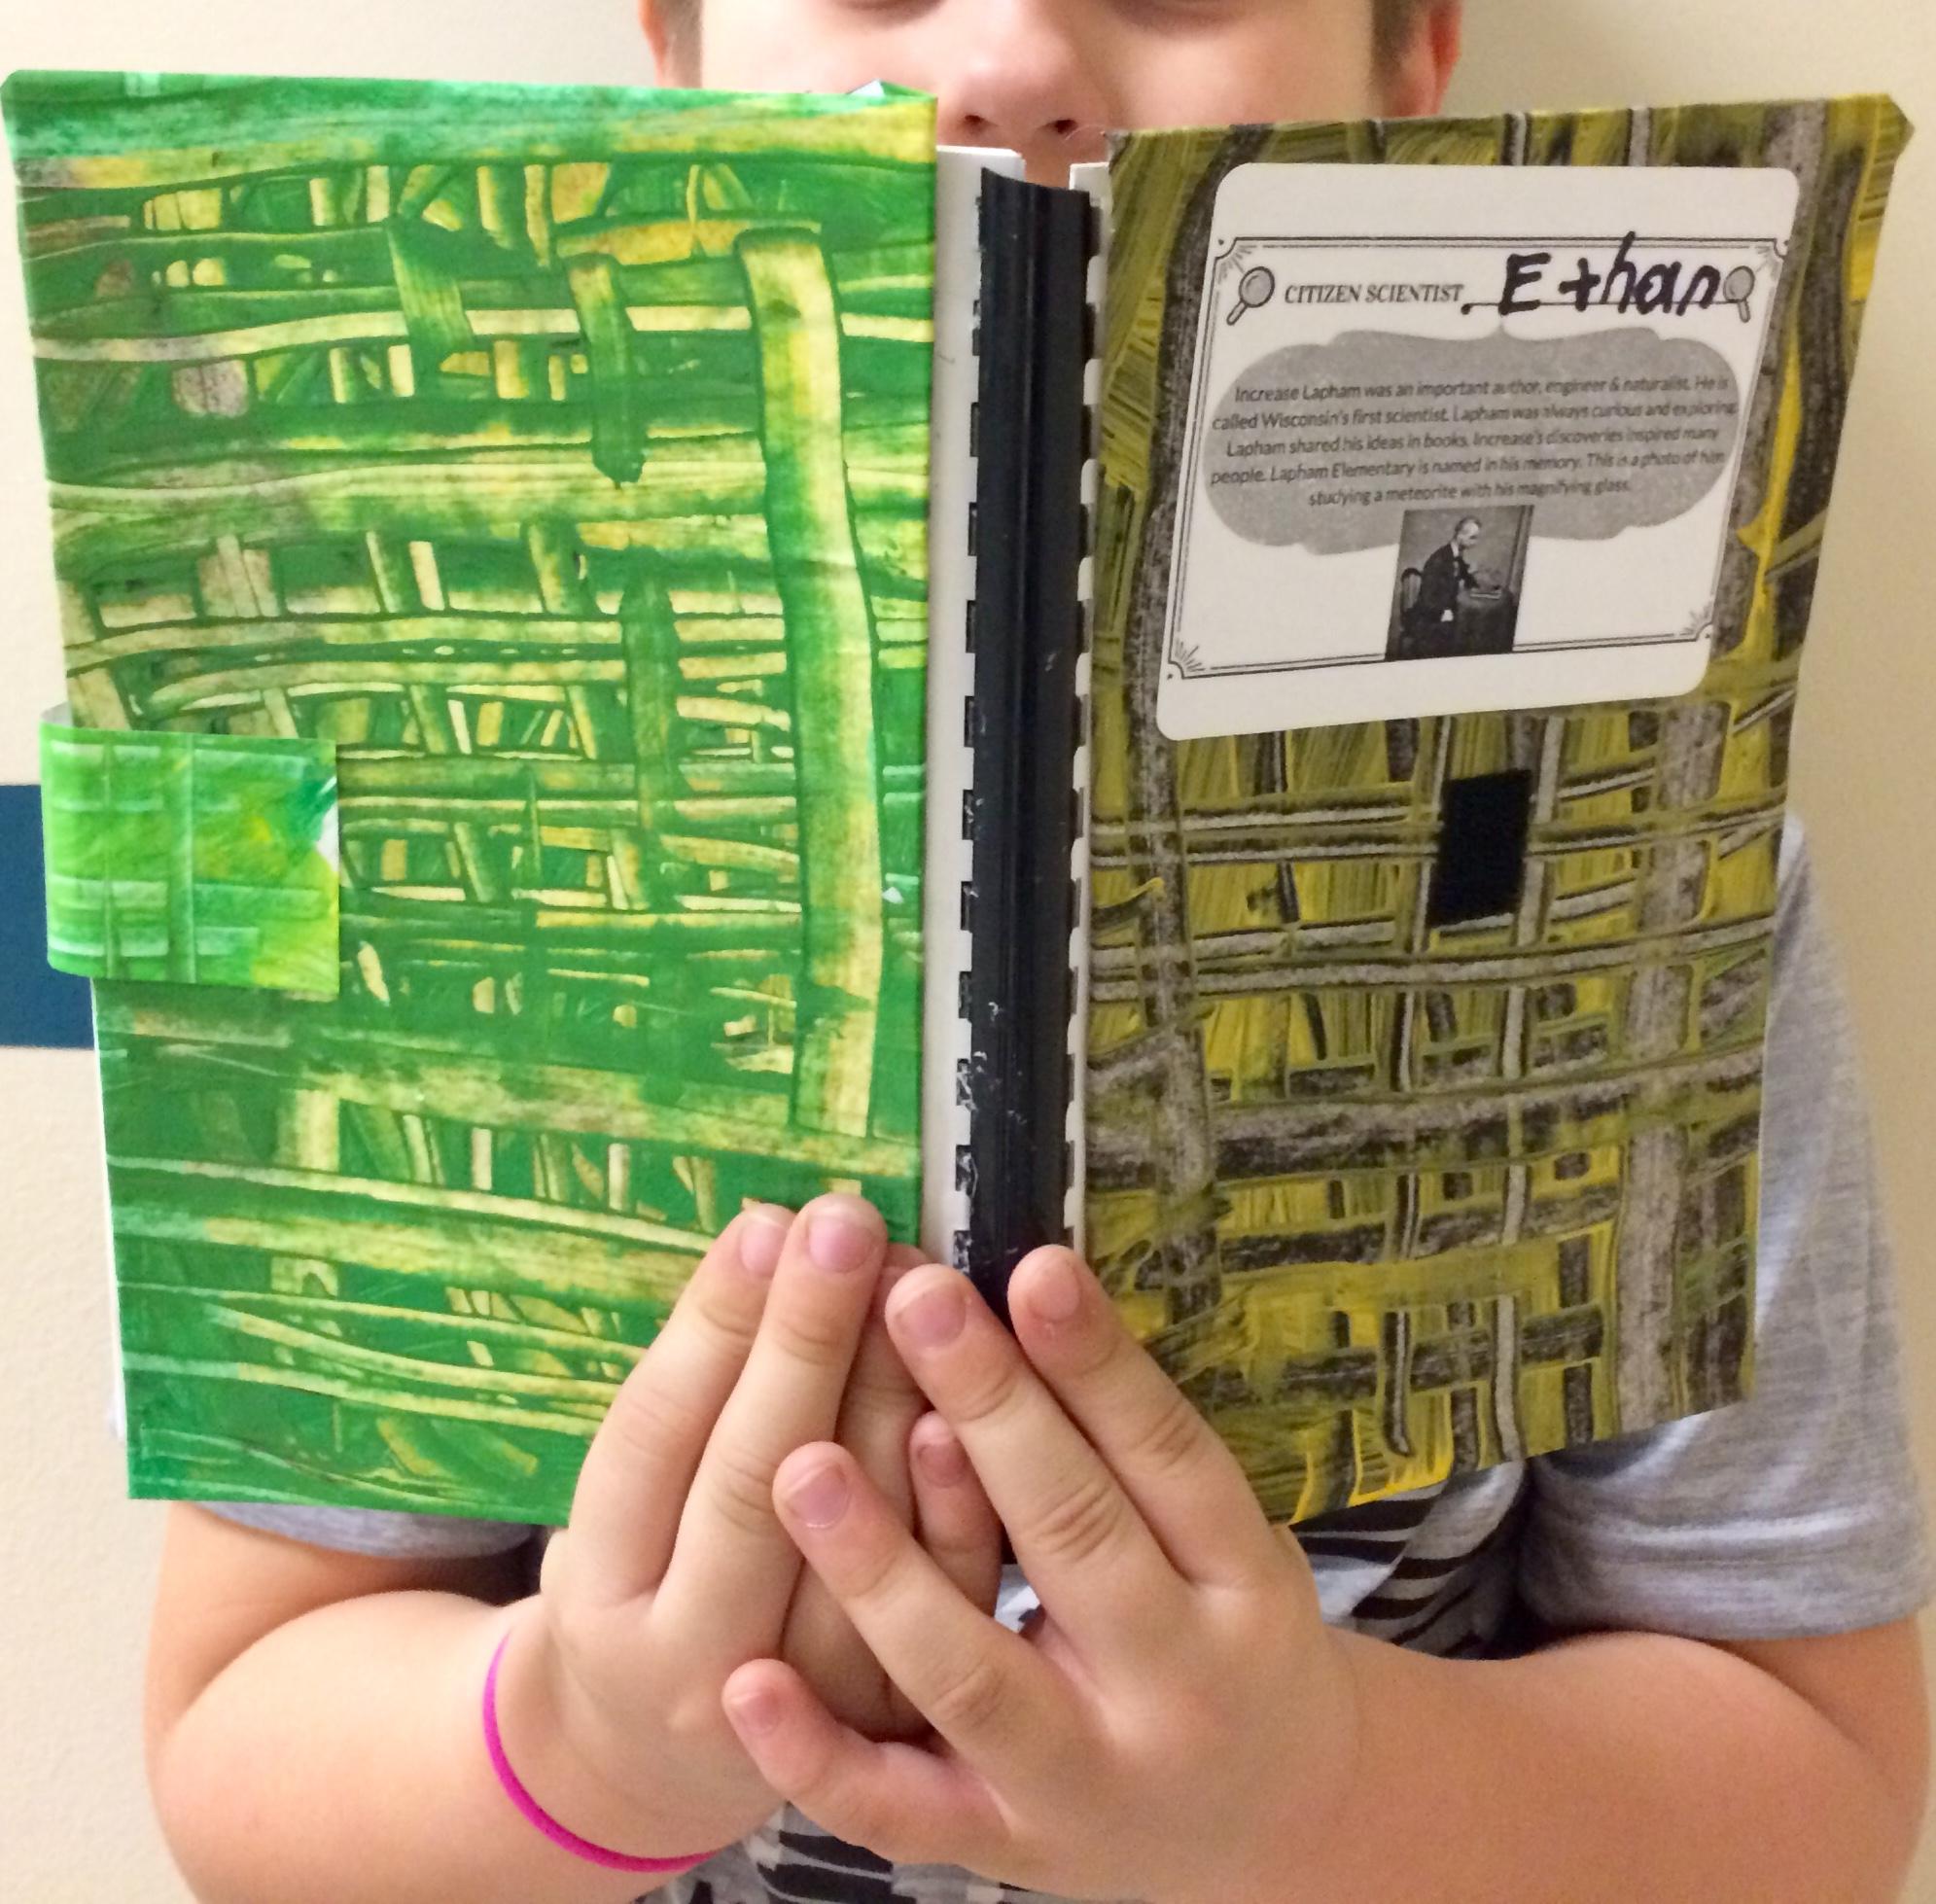 citizen scientists books.jpg